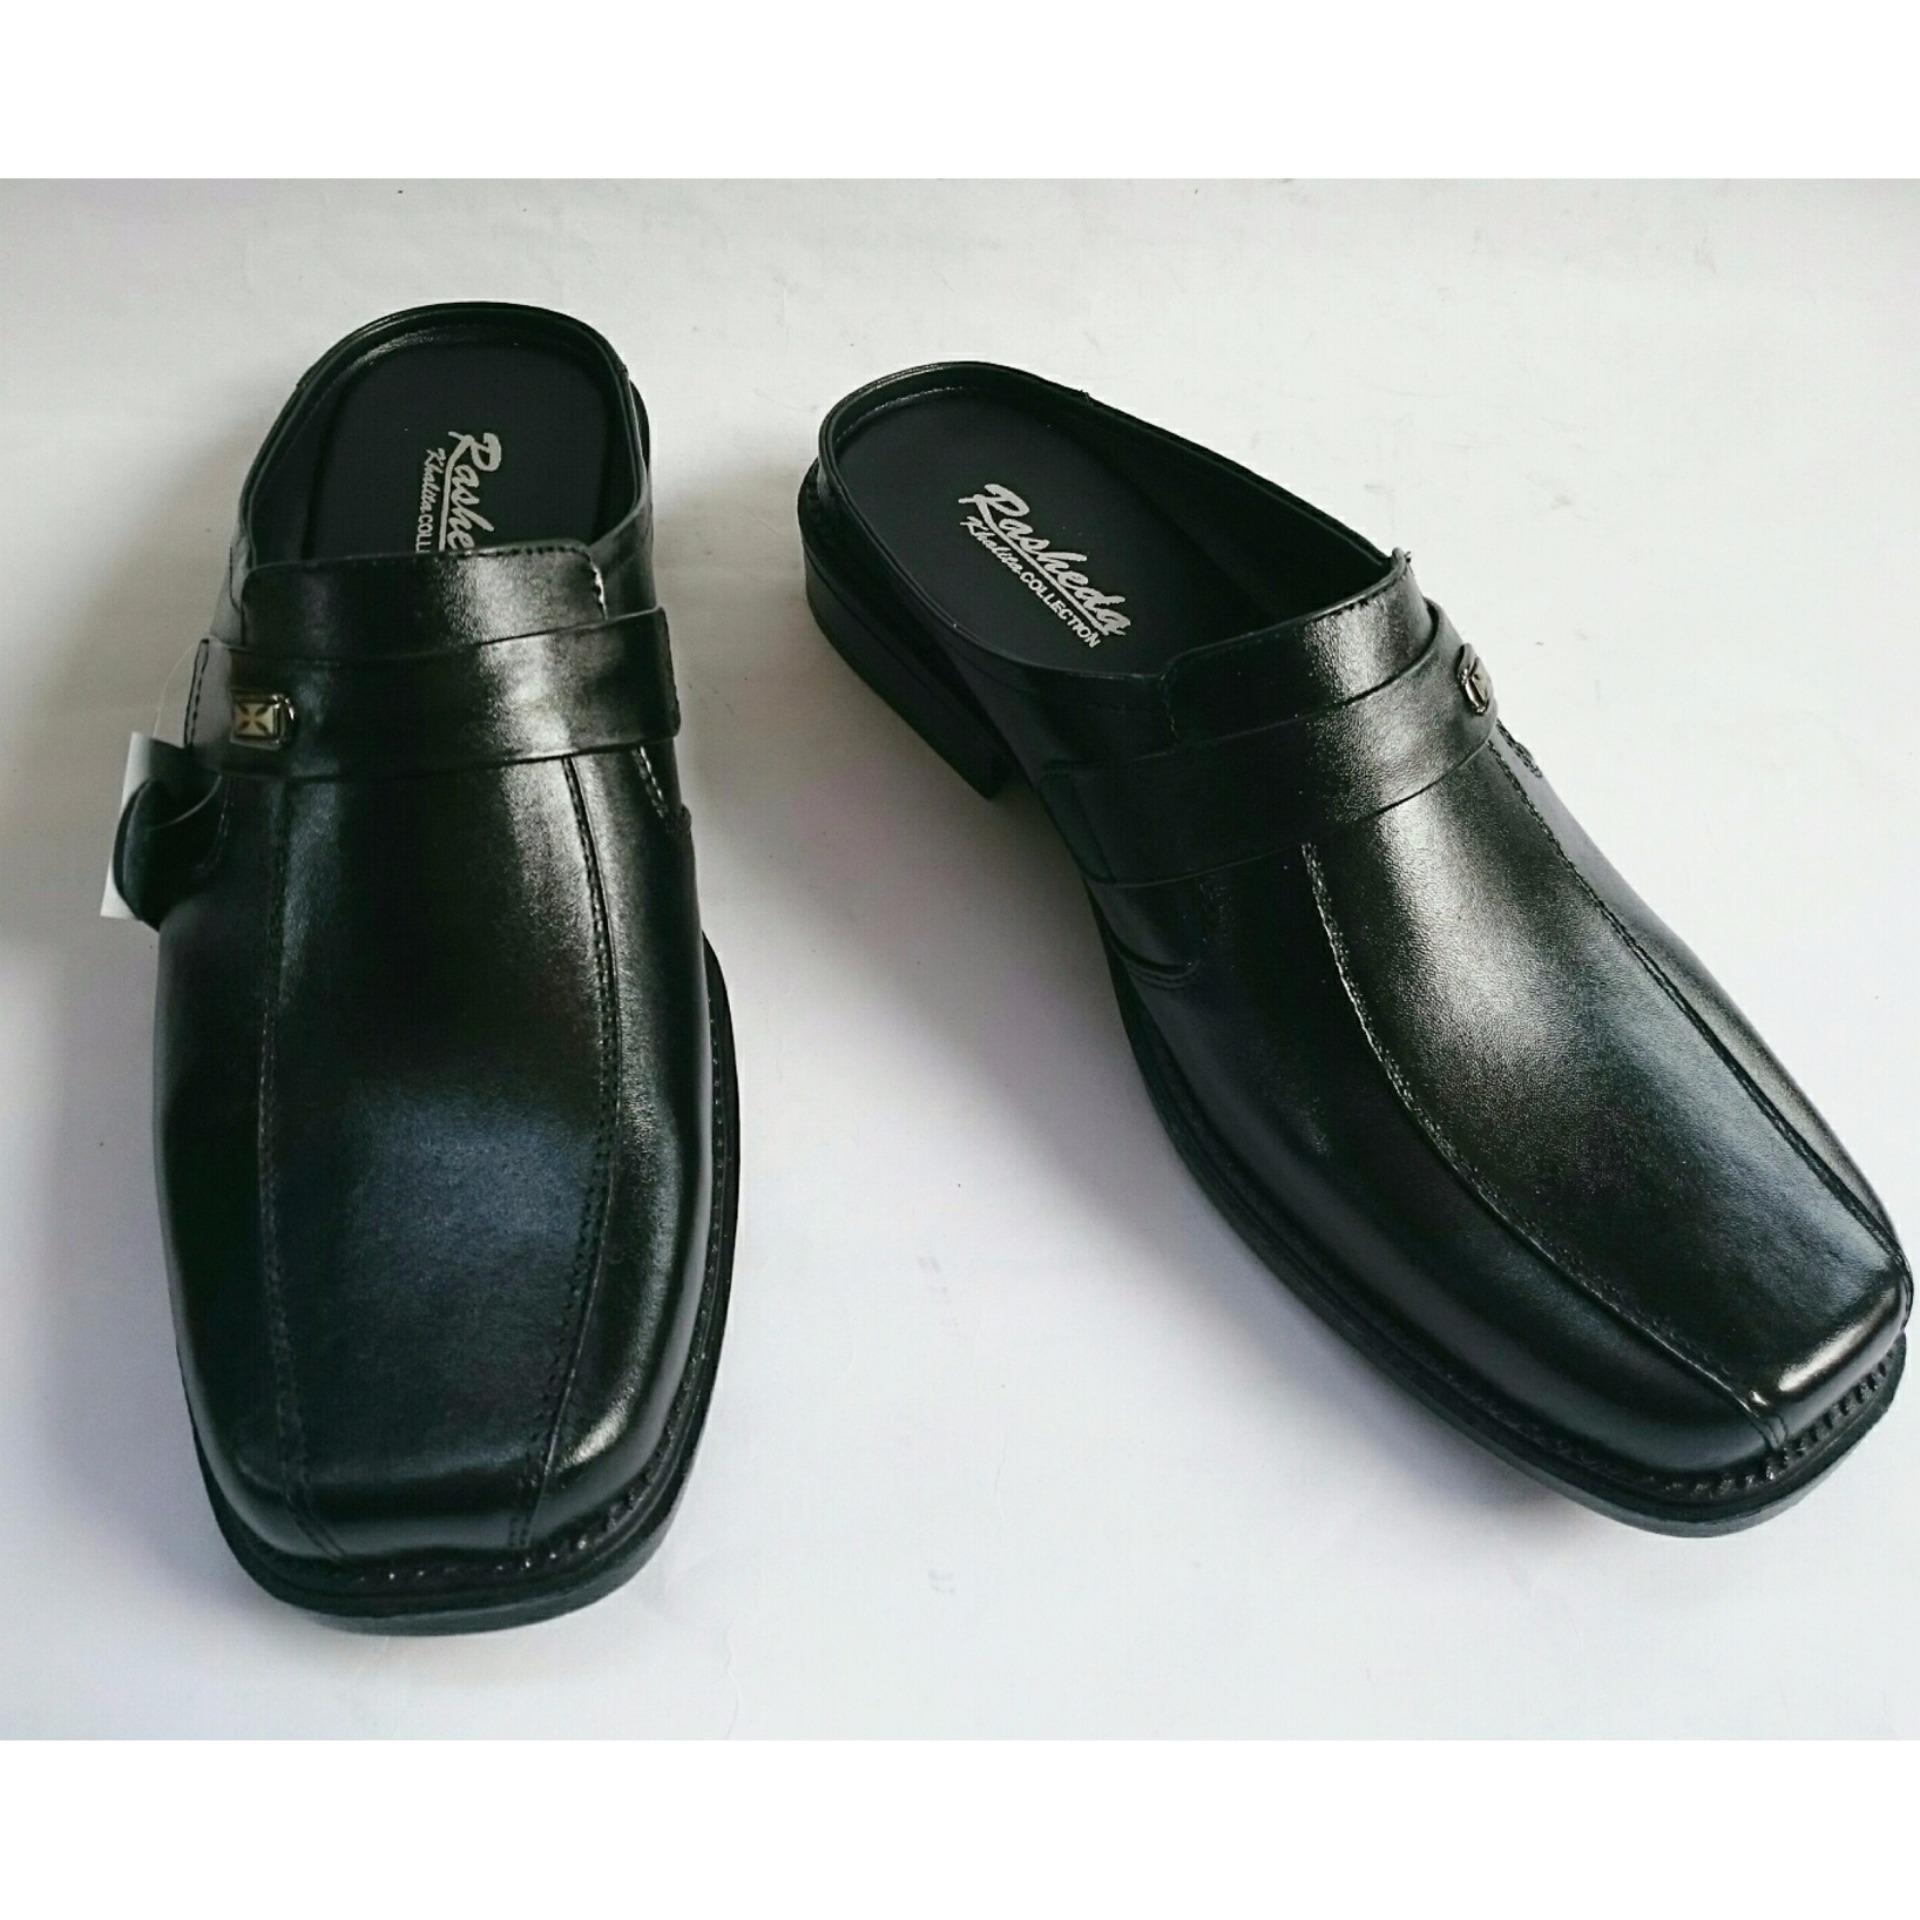 Sandal Sepatu Selop Tutong Pria Kulit Asli VL 02